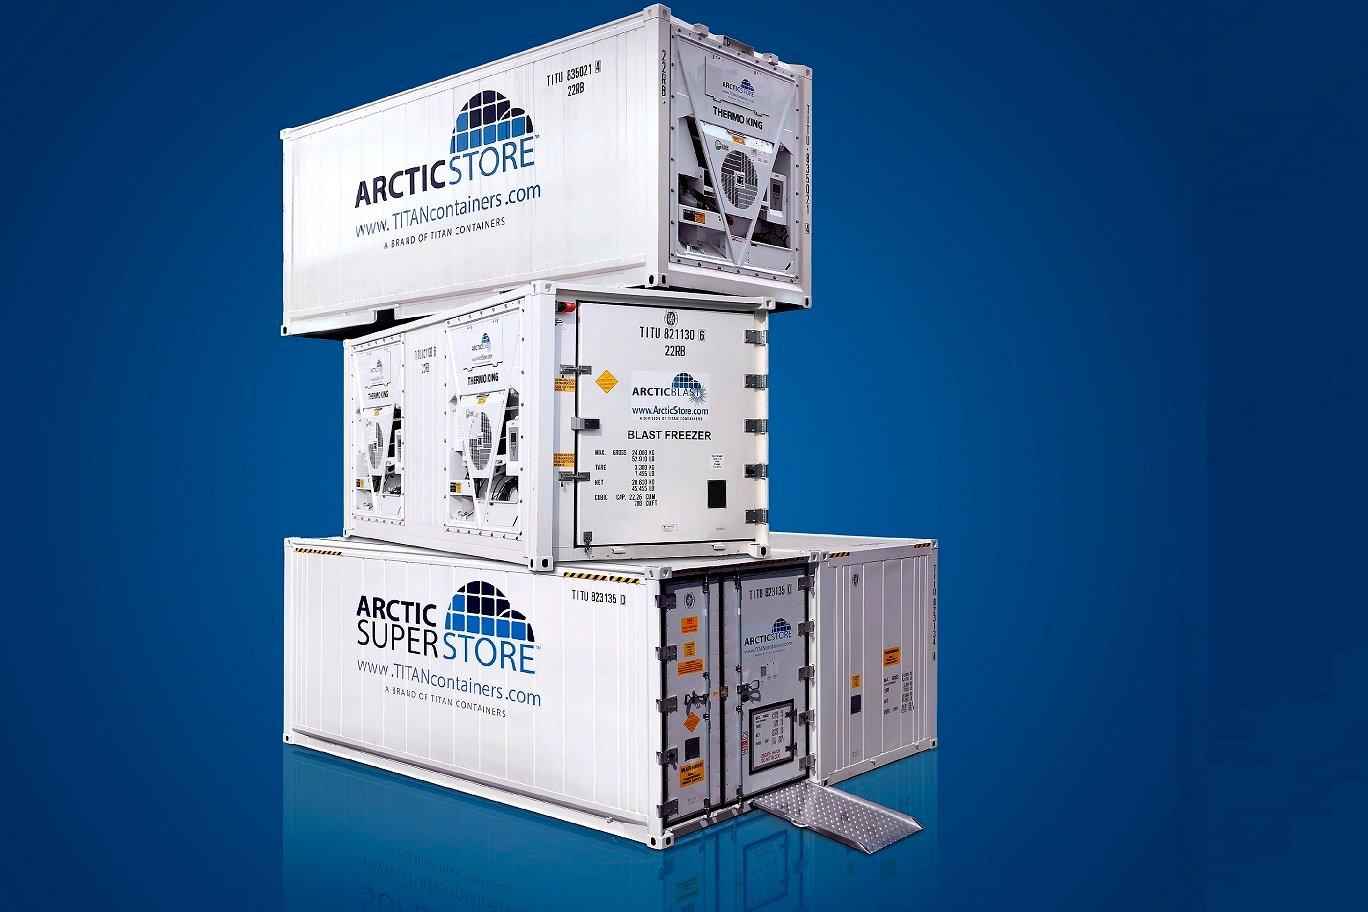 ArcticStore_stacking_produkt_billeder_smaller_(med_bg)2